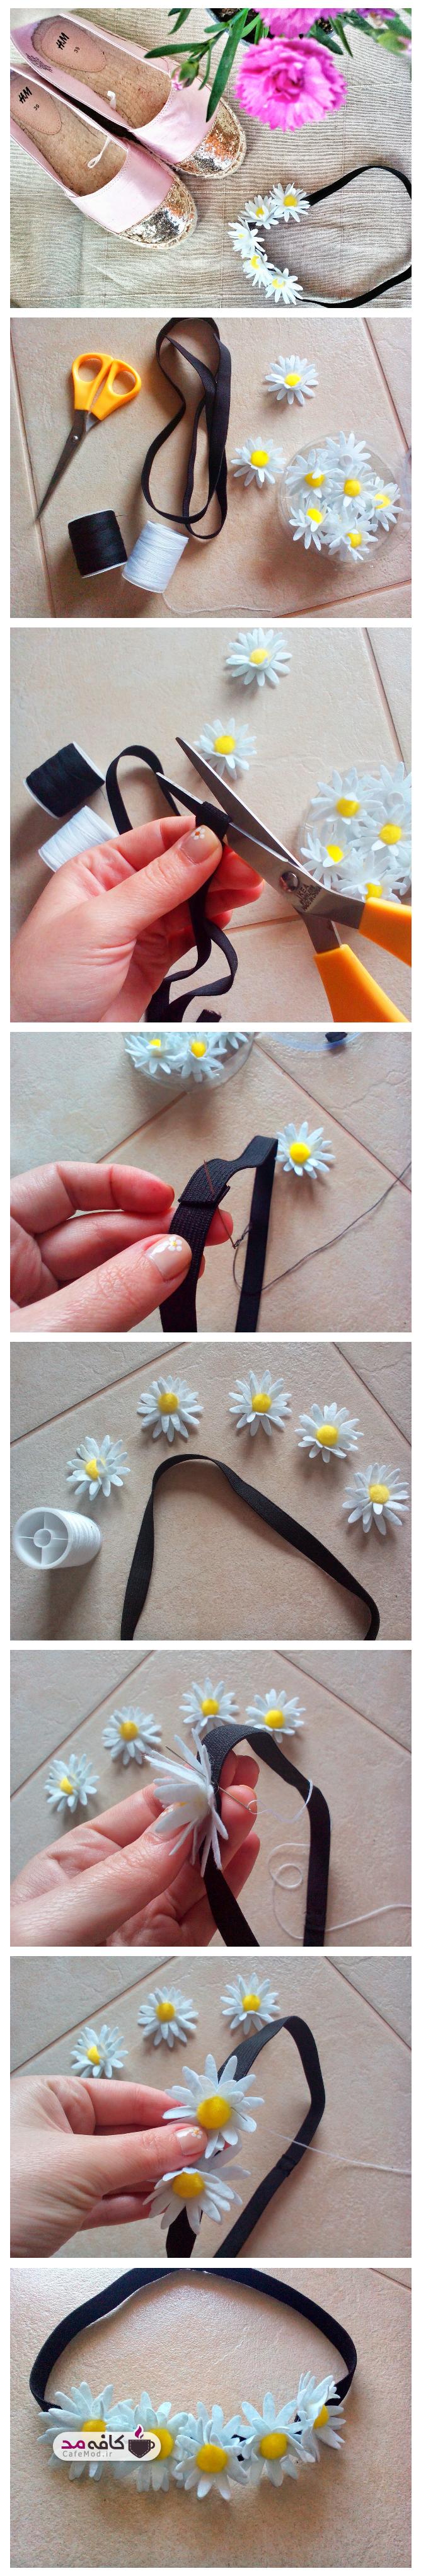 آموزش ساخت تل سر با گل